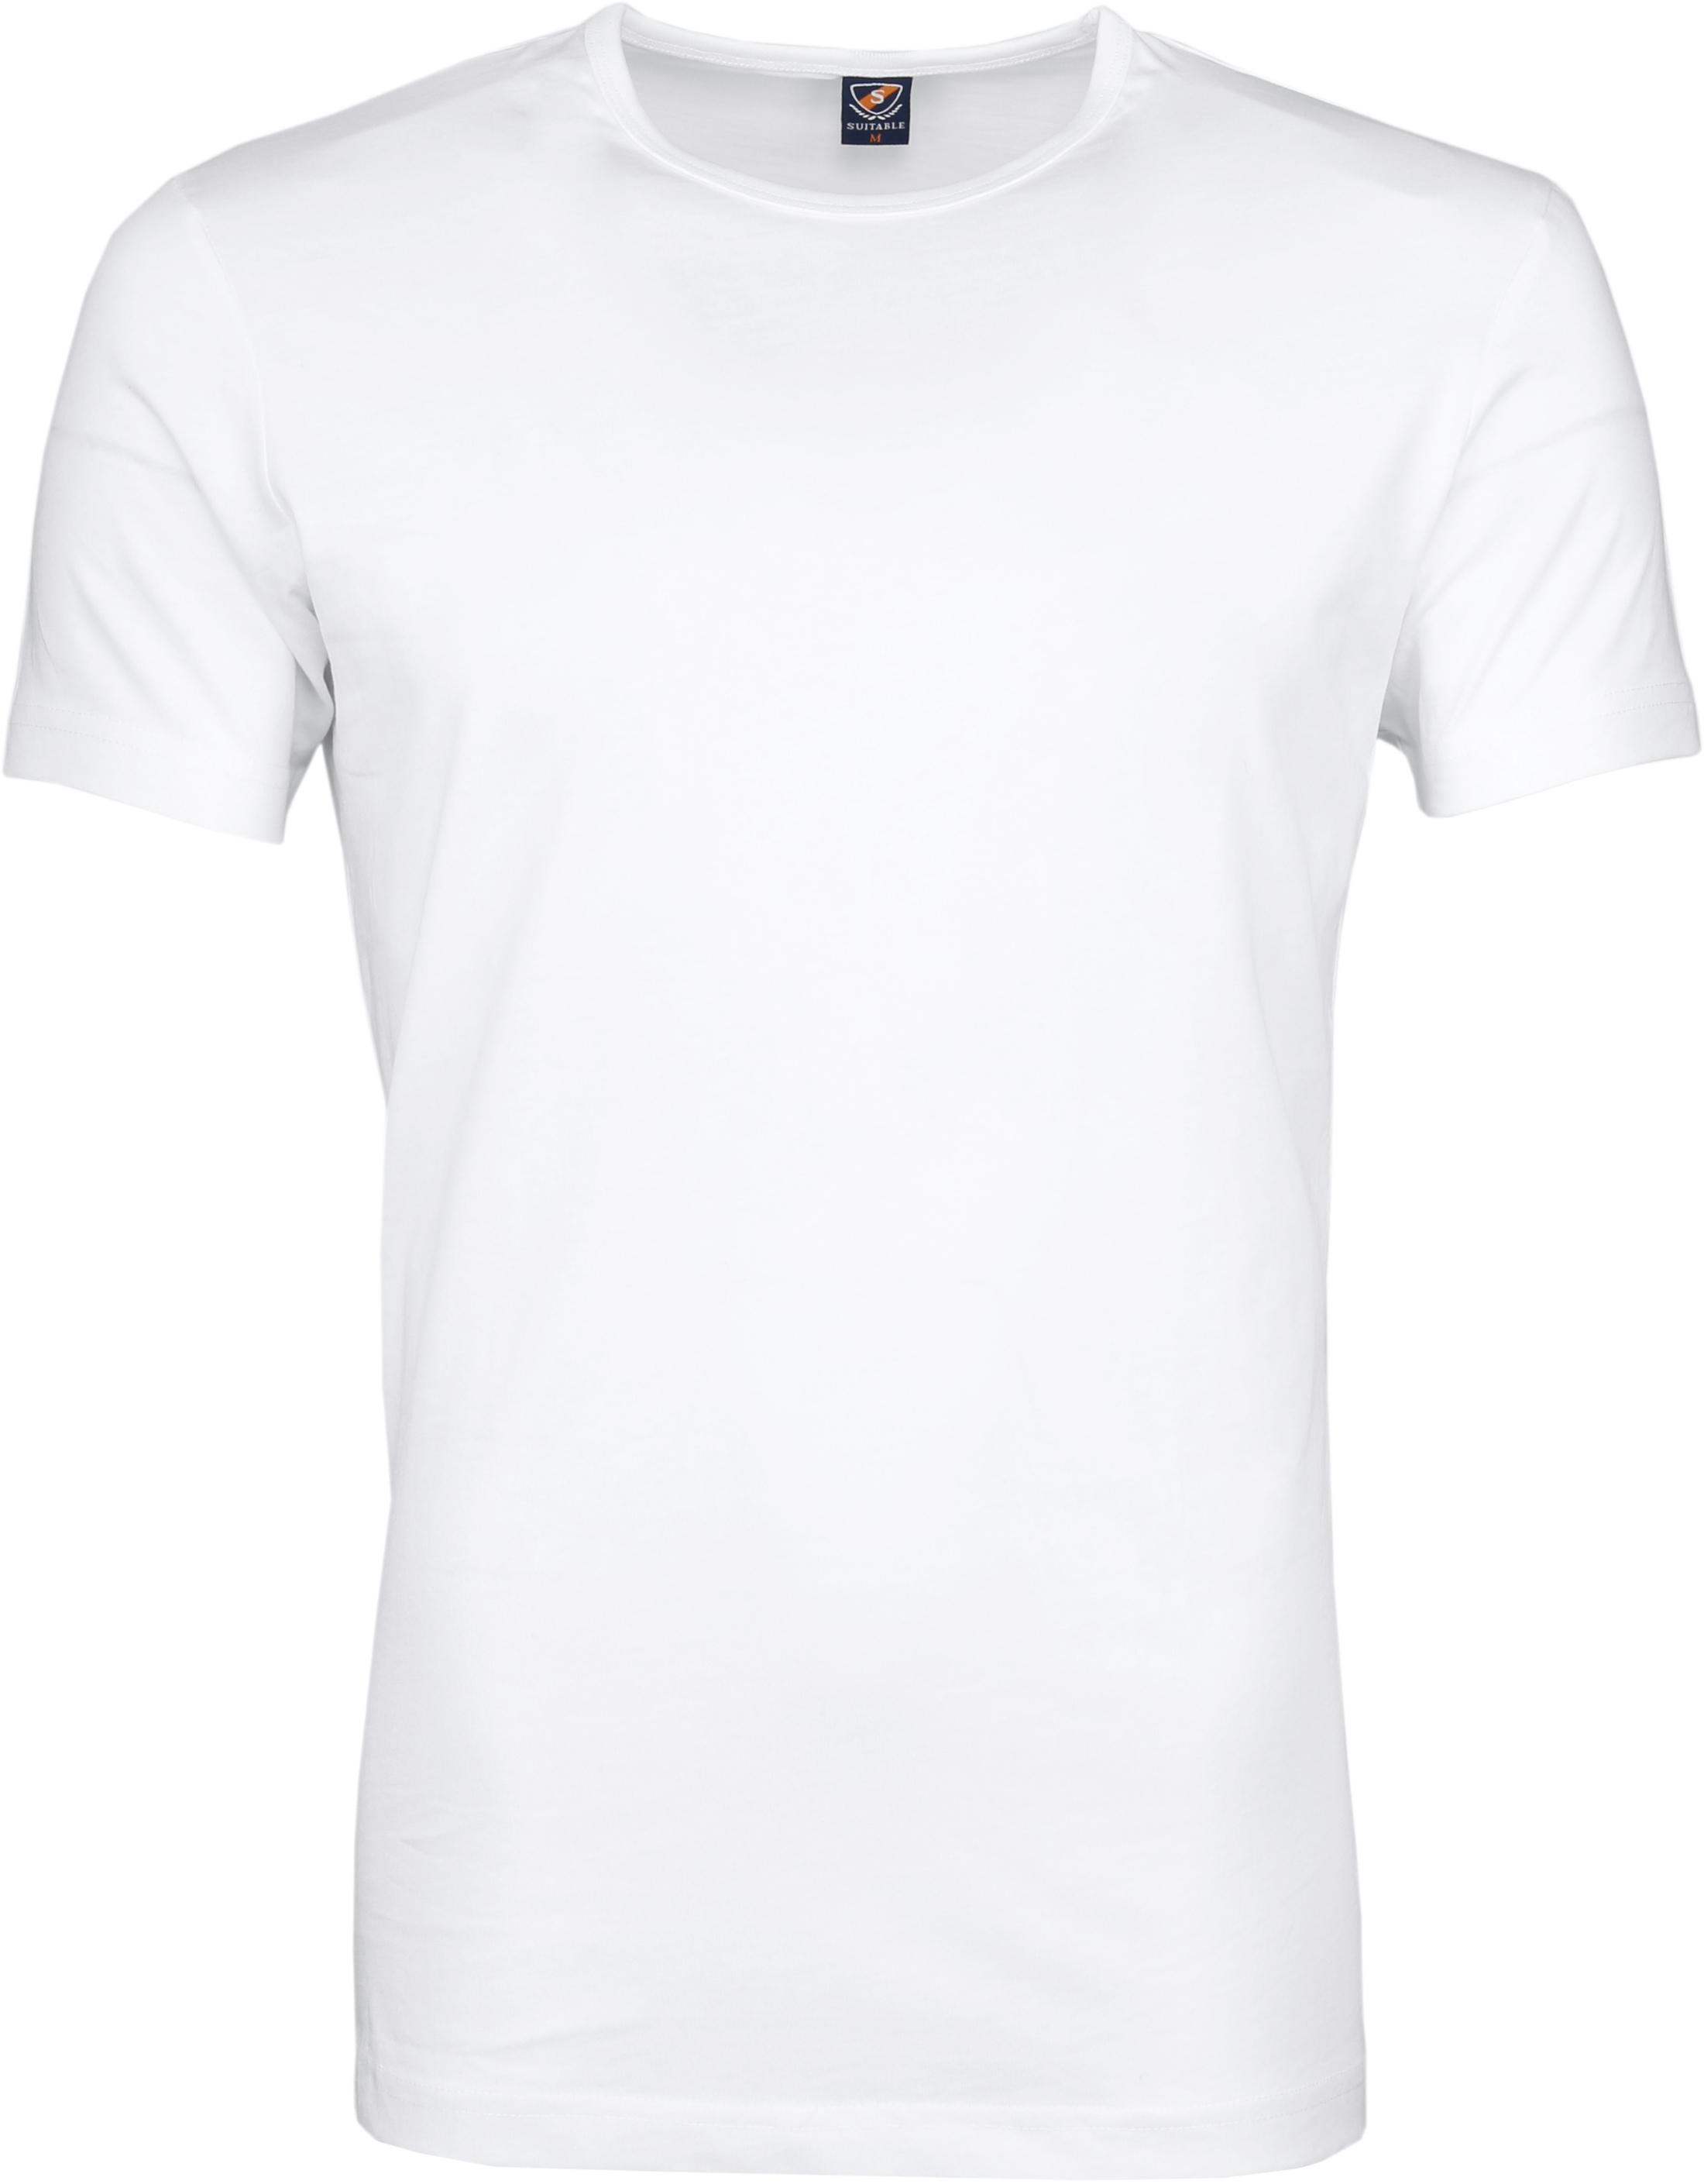 T-Shirt Rund Hals 6er Pack Weiß